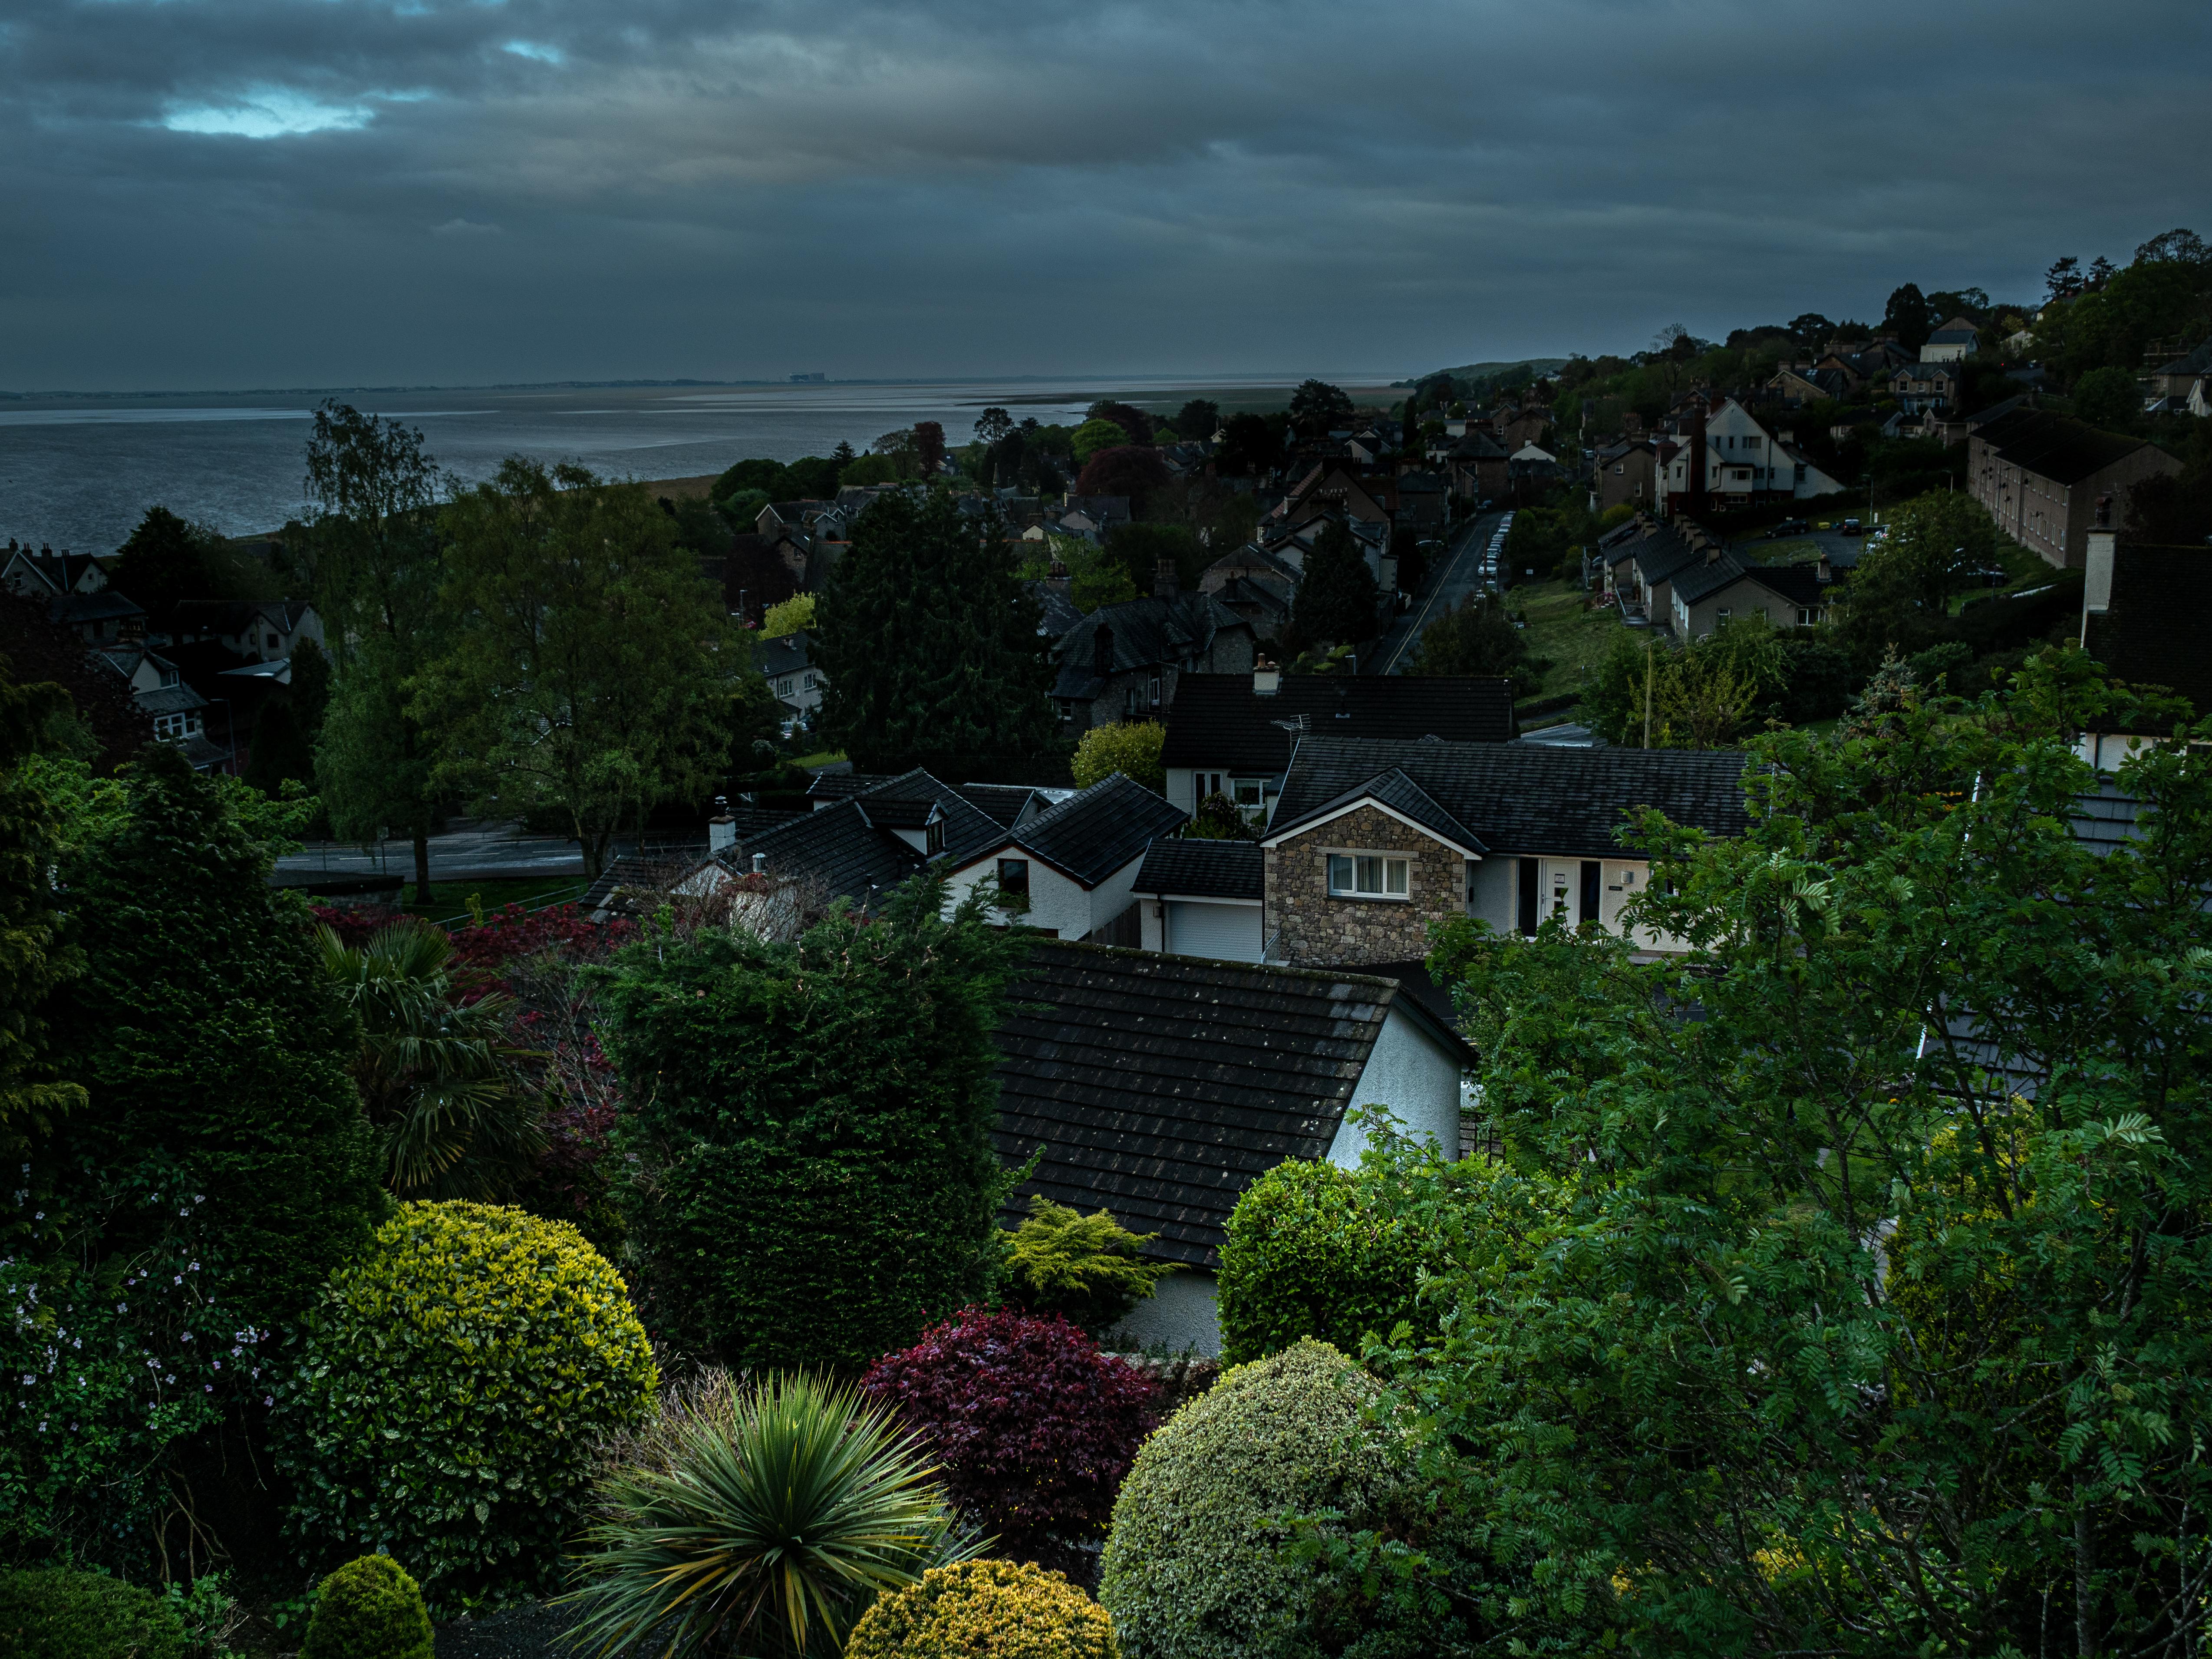 Grange Over Sands, Cumbria #3